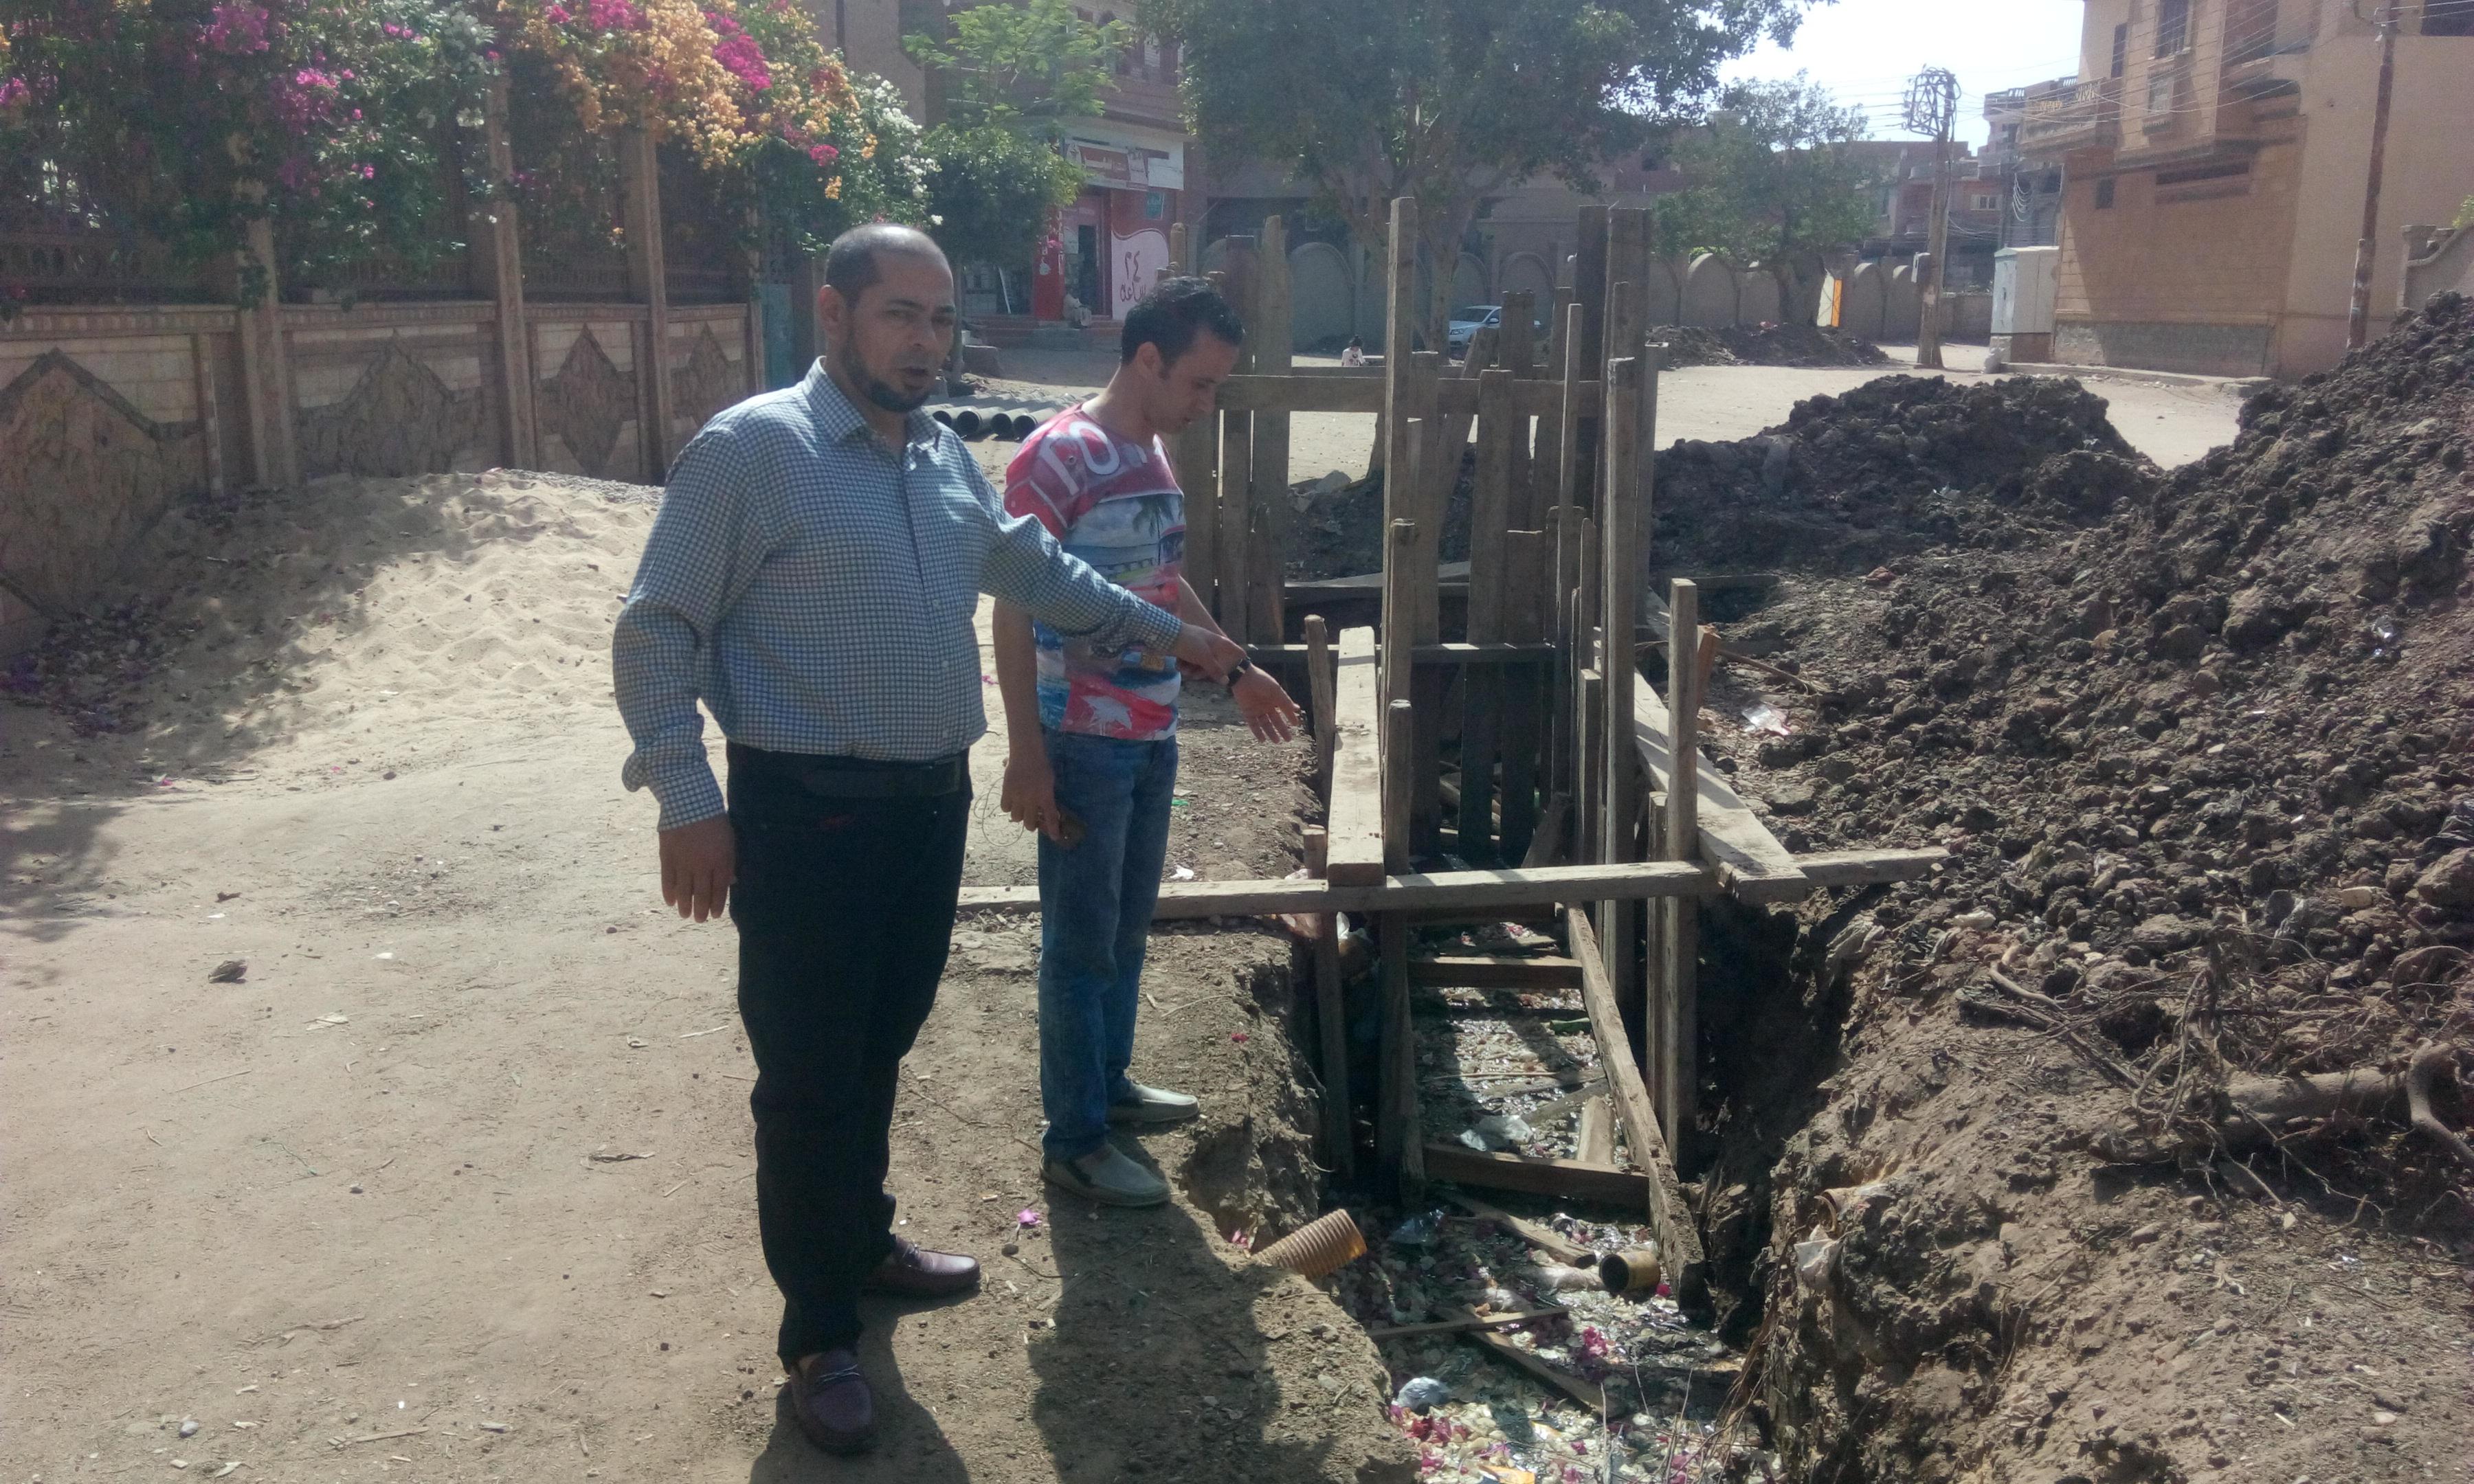 توقف العمل فى مشروع الصرف الصحى بقرية شبراملس فى الغربية (15)